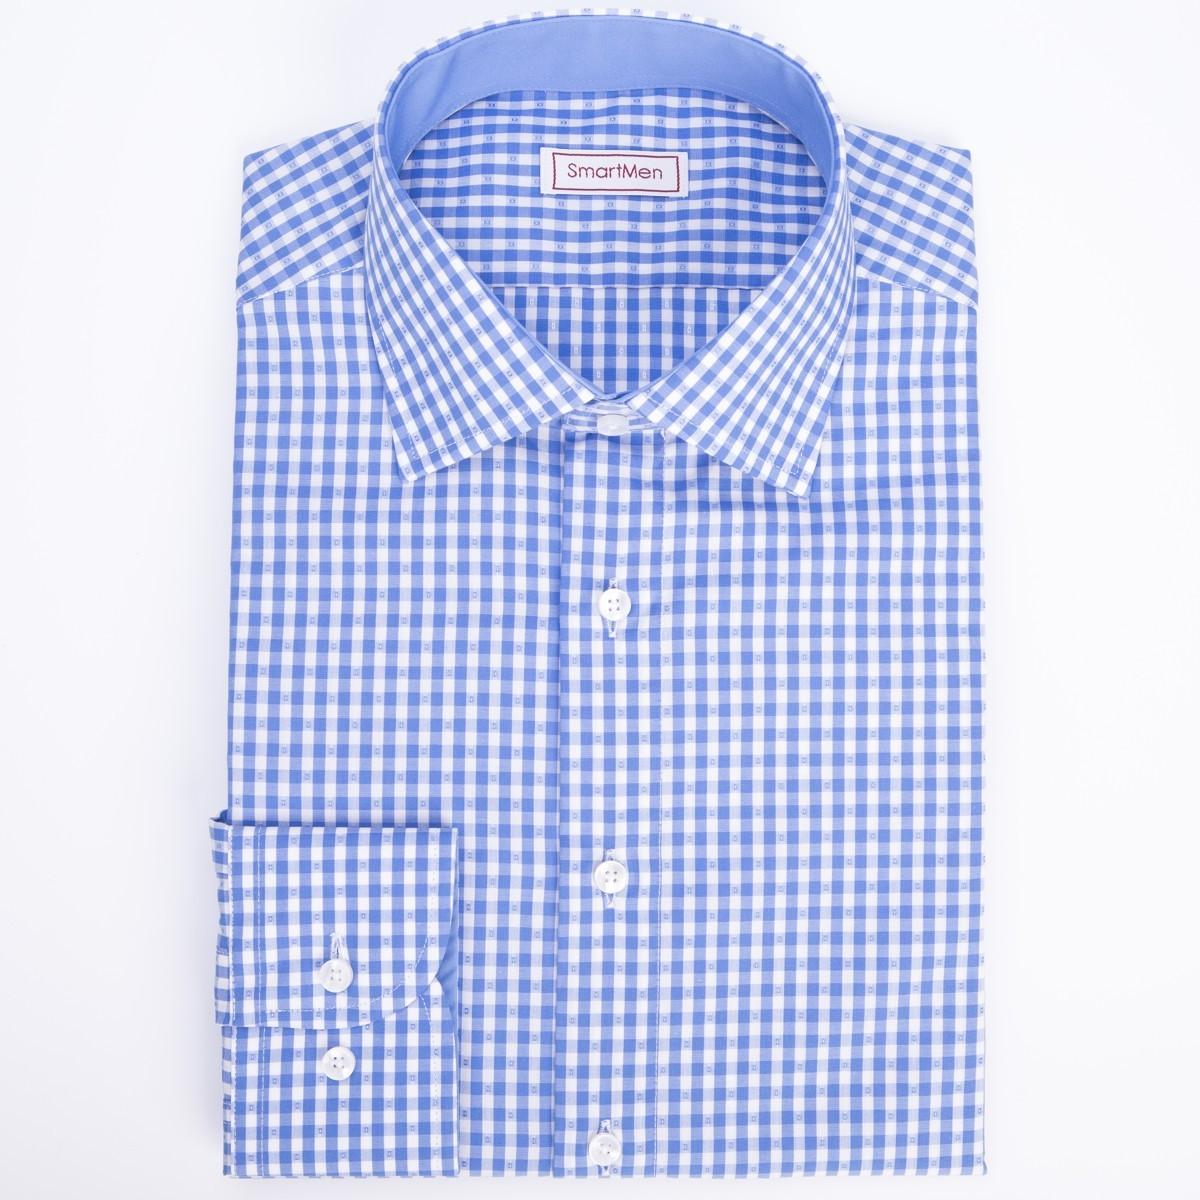 b6207b888a7d Kockovaná modrá košeľa SmartMen s modrým kontrastom